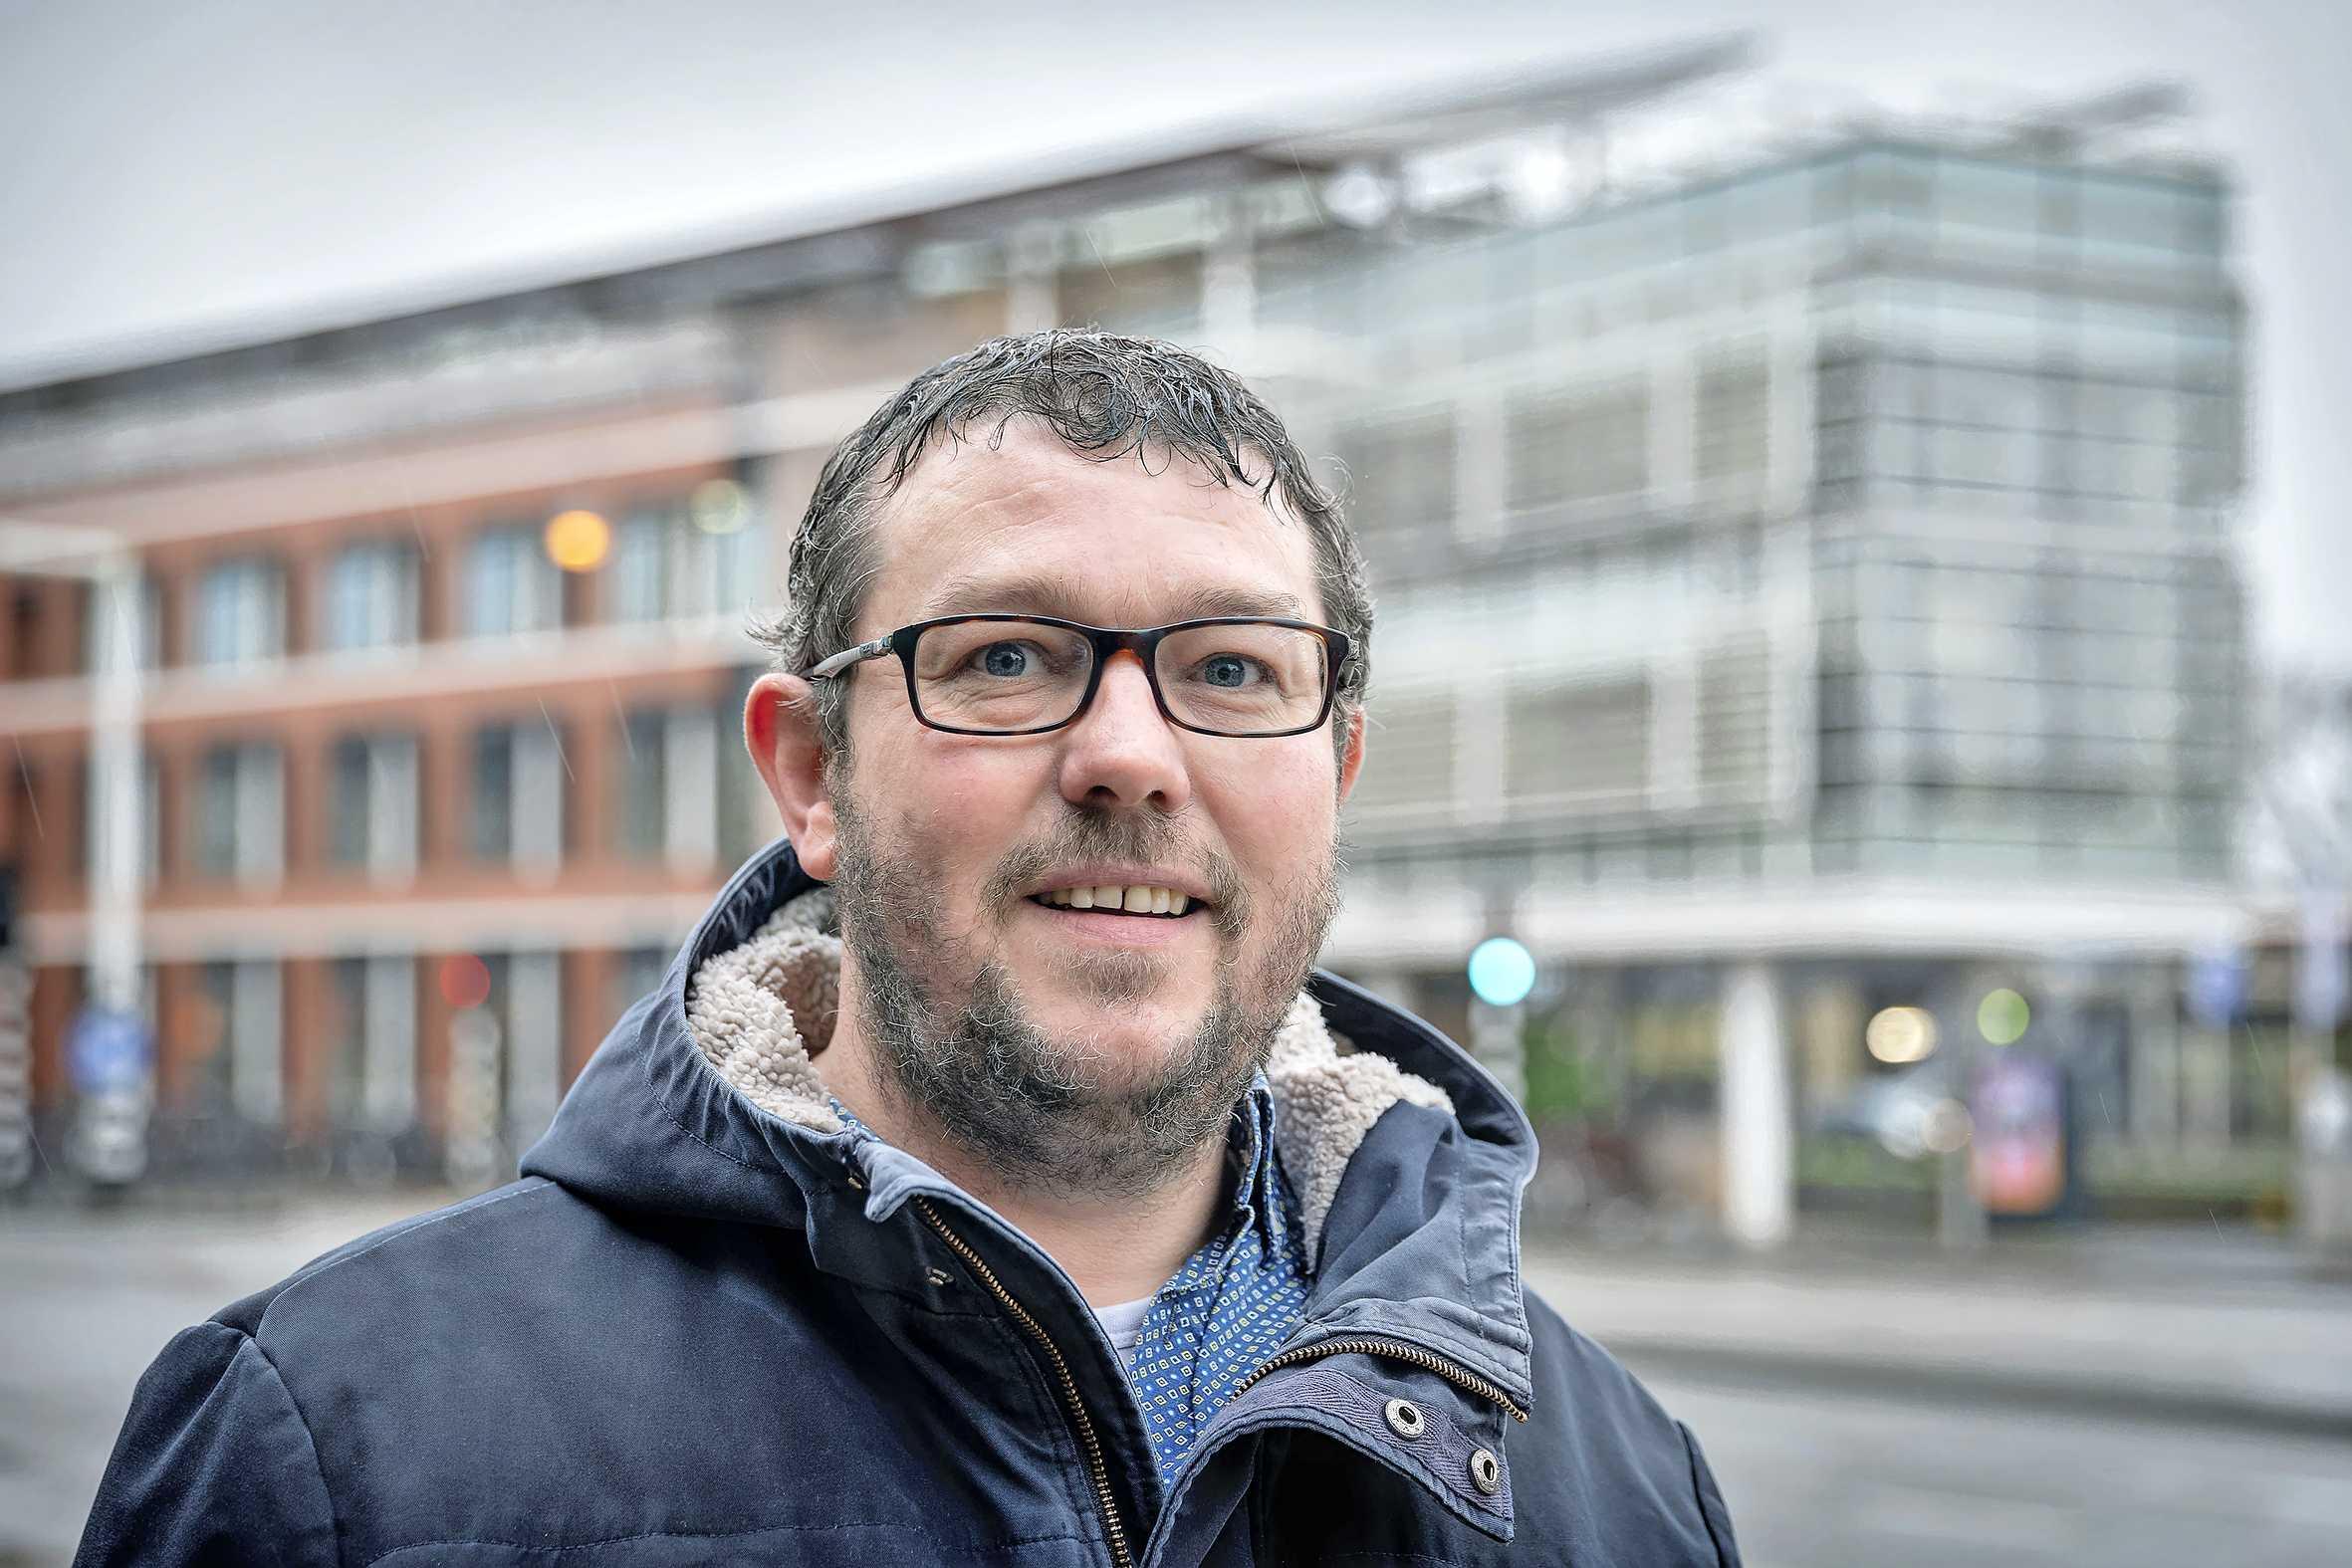 GGD wil dat daklozenhelper Eddy stopt met zijn werk: hoe 'dwingend, dreigend en intimiderend' is De Maatschappelijk Ondersteuner?